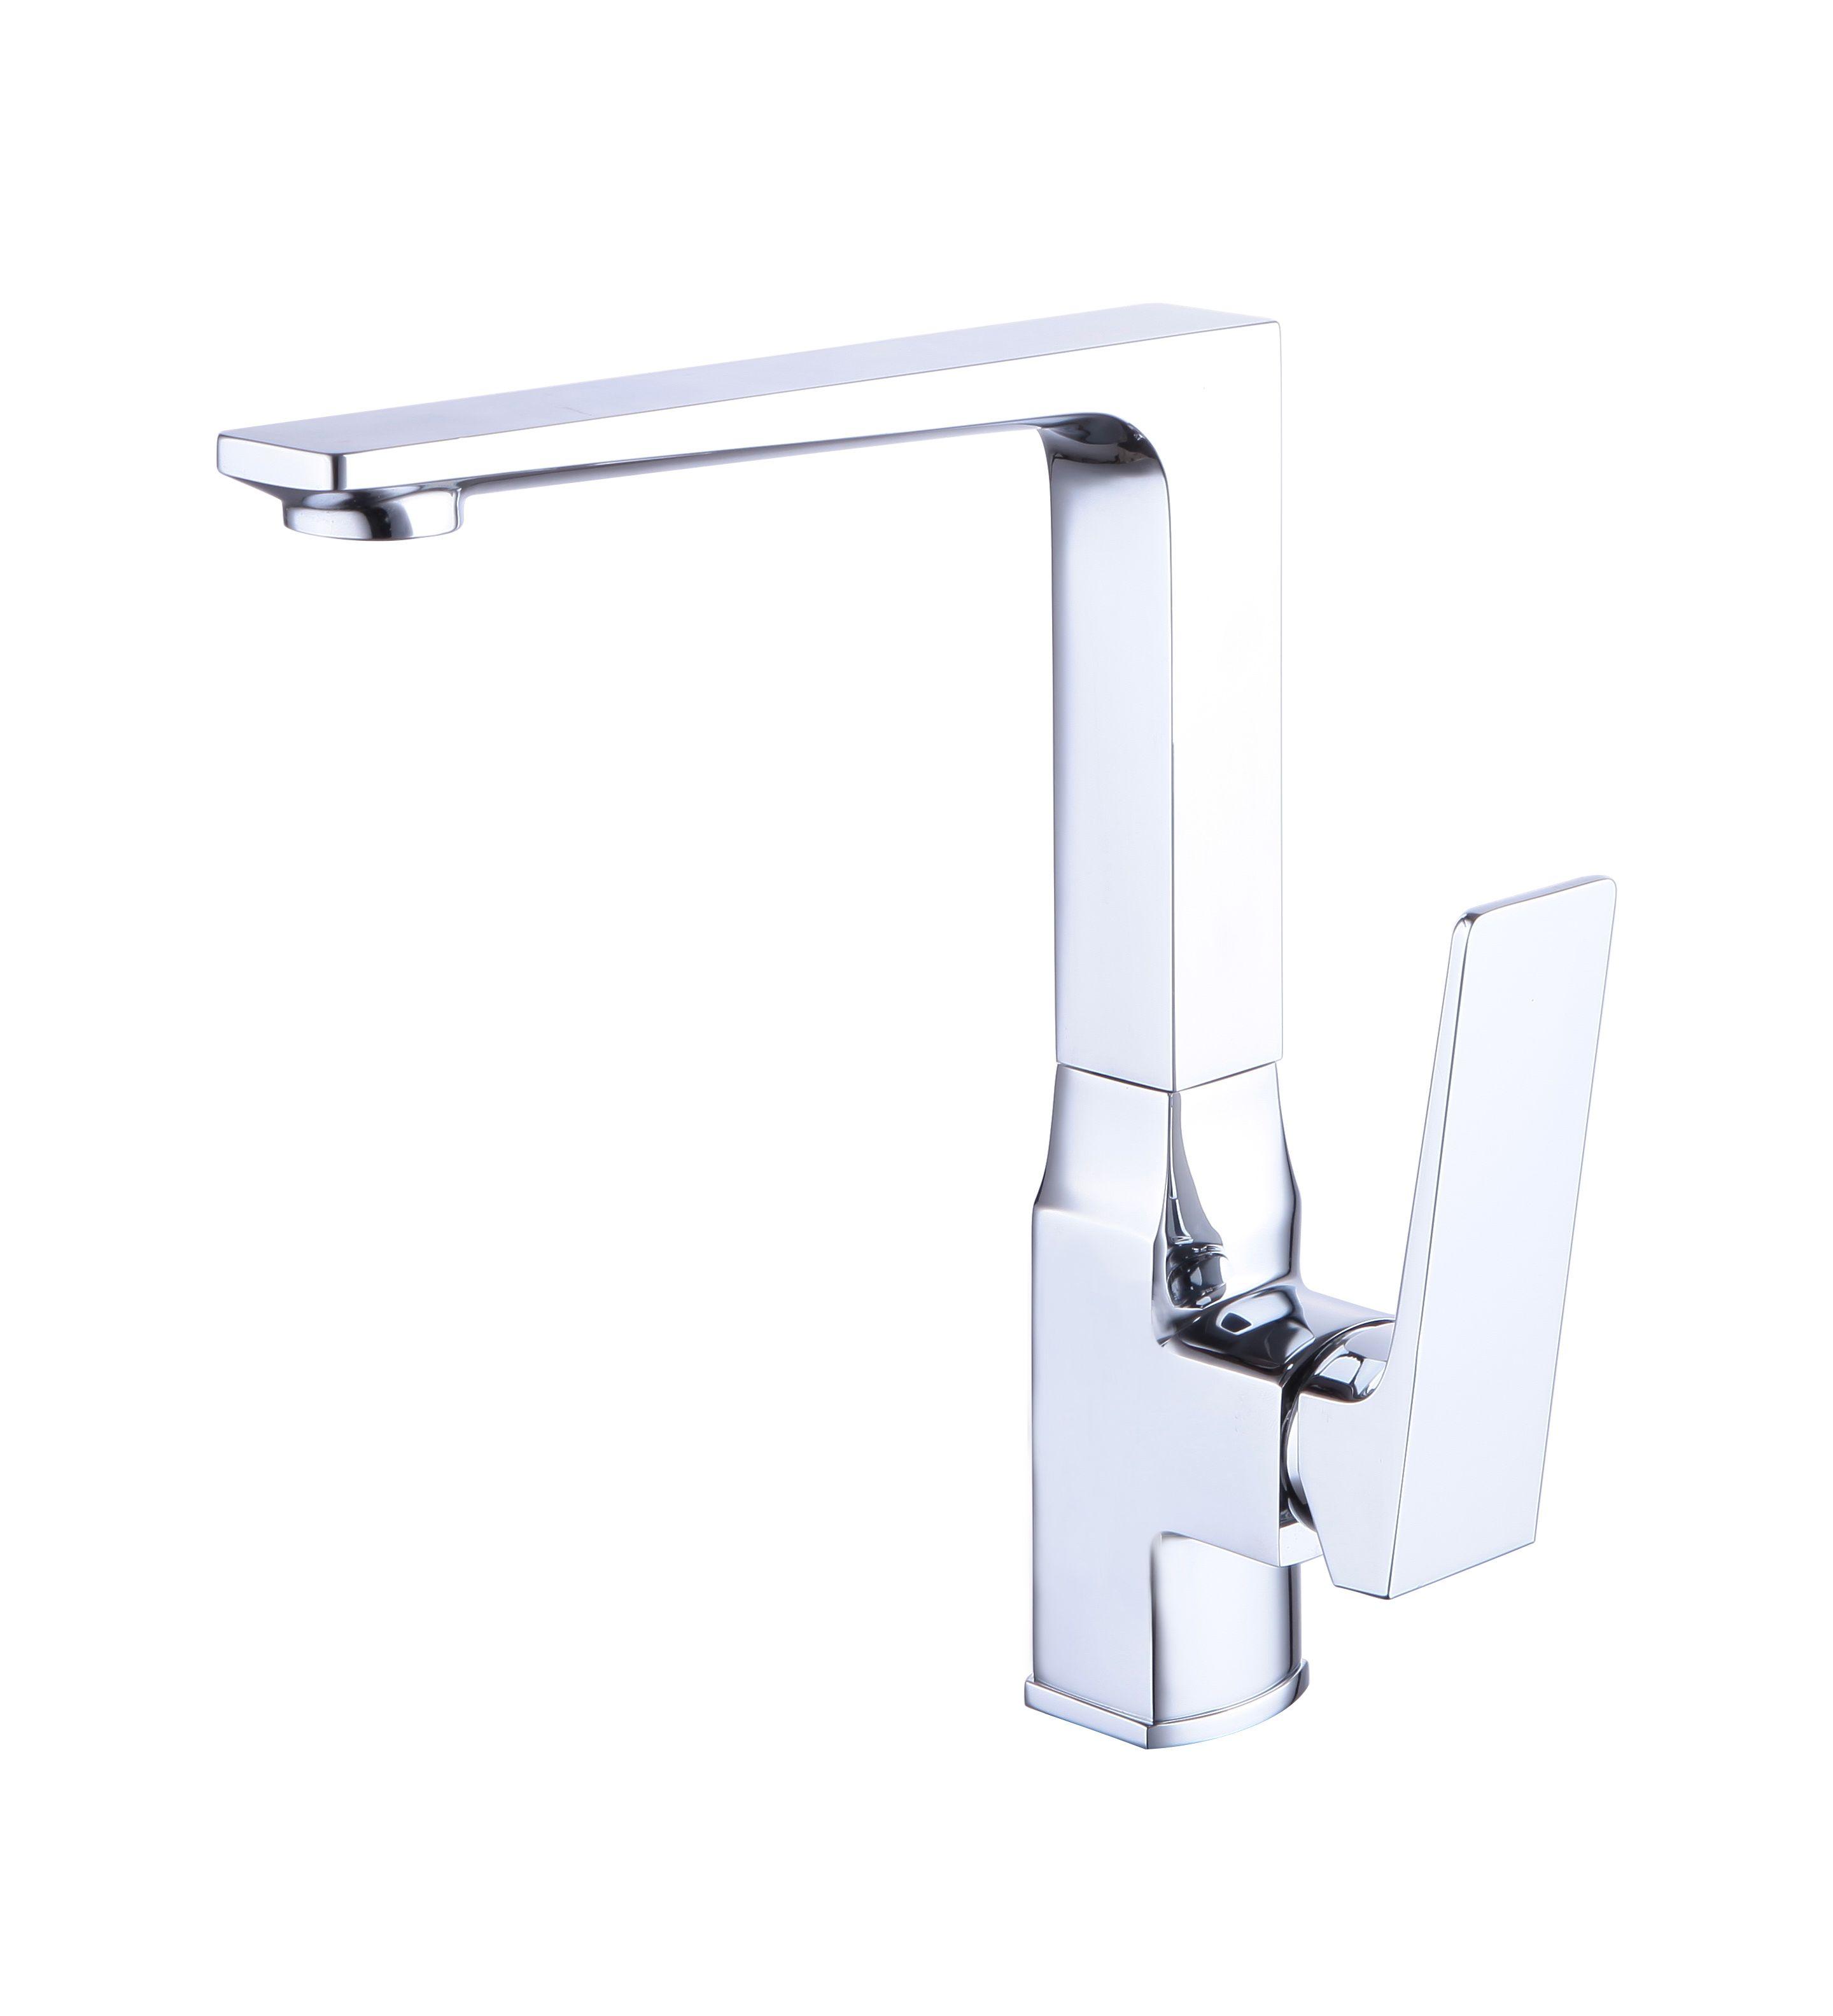 Смеситель SMARTsant Смарт-Лофт для кухни смеситель gappo azure g4066 для кухни